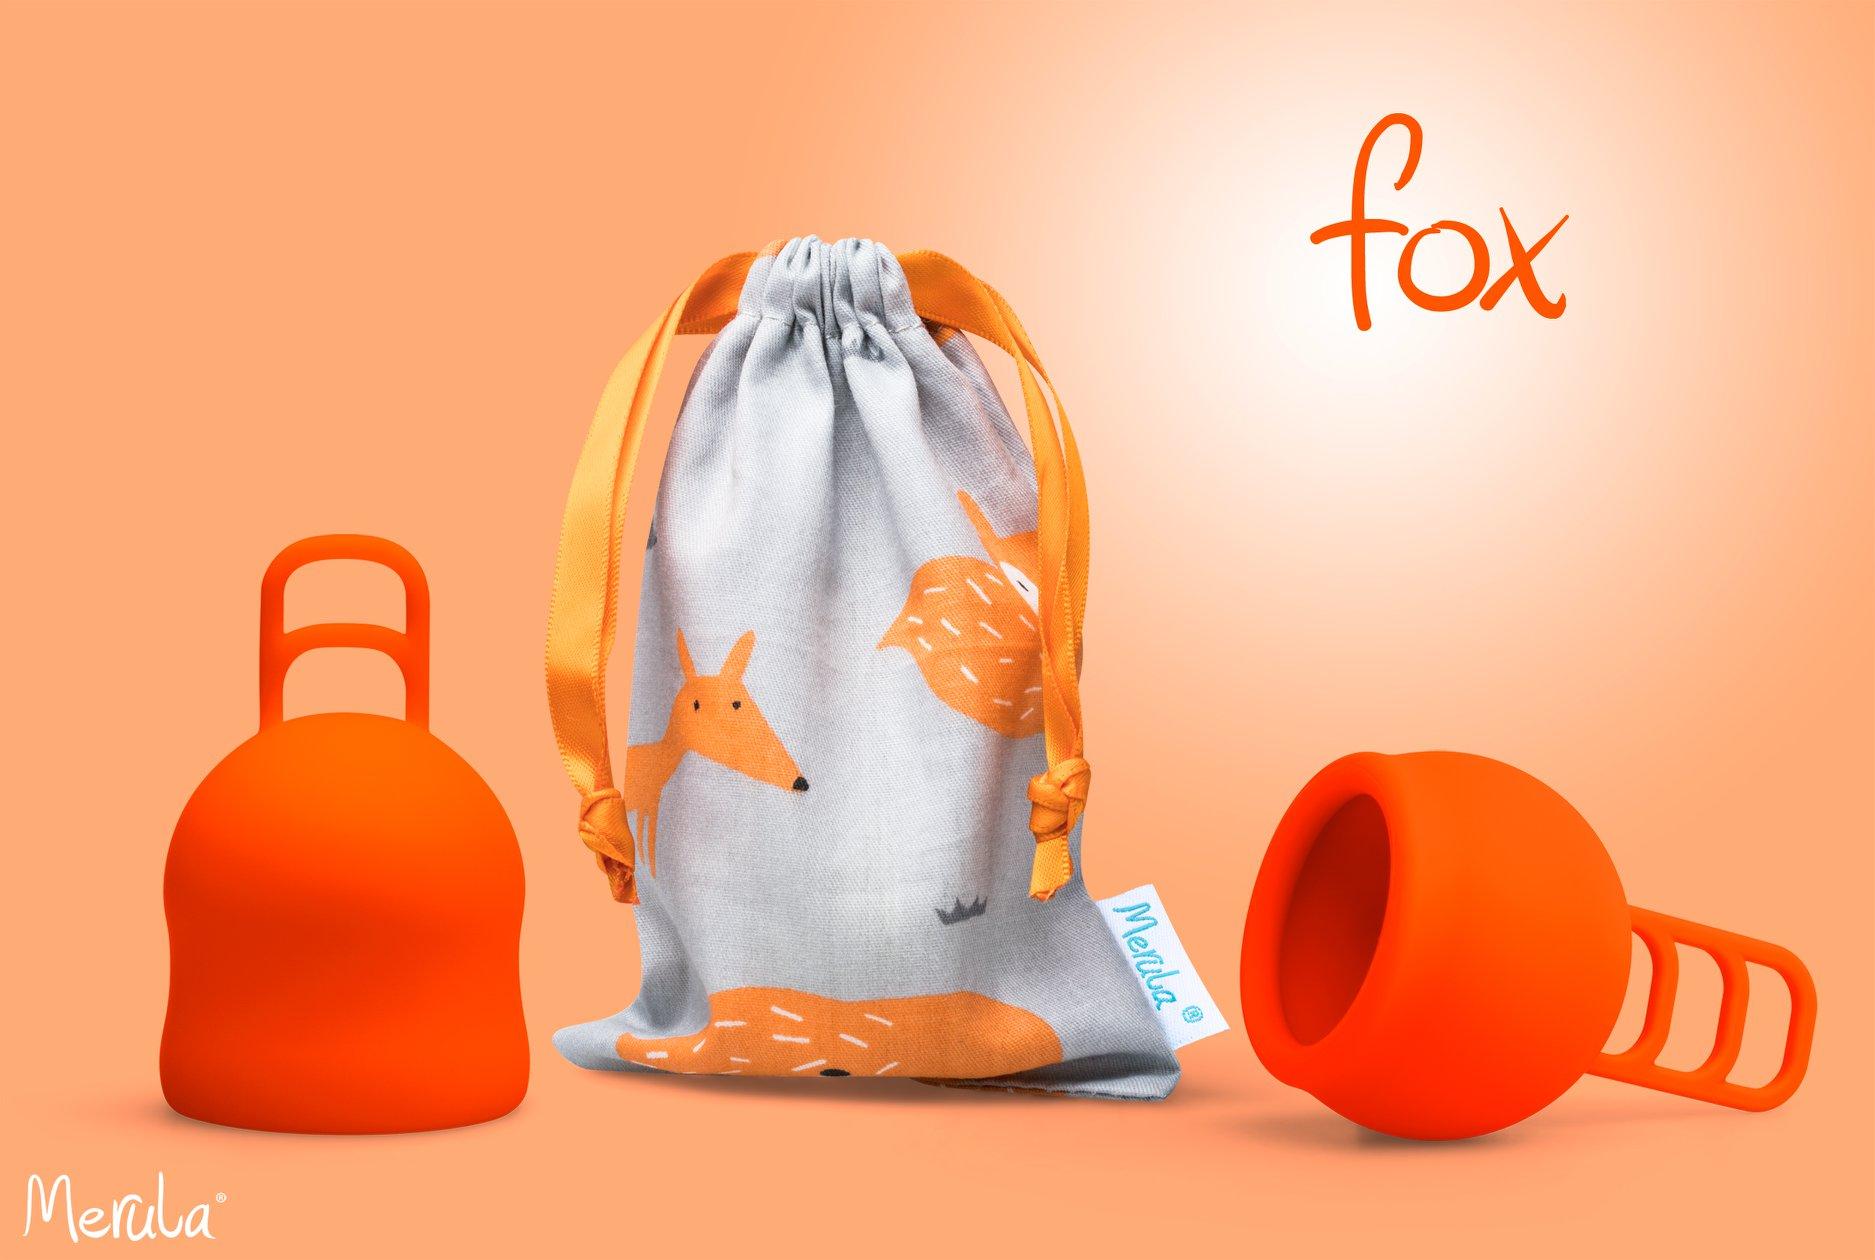 Merula Cup německá značka menstruačních kalíšků pro nízký čípek